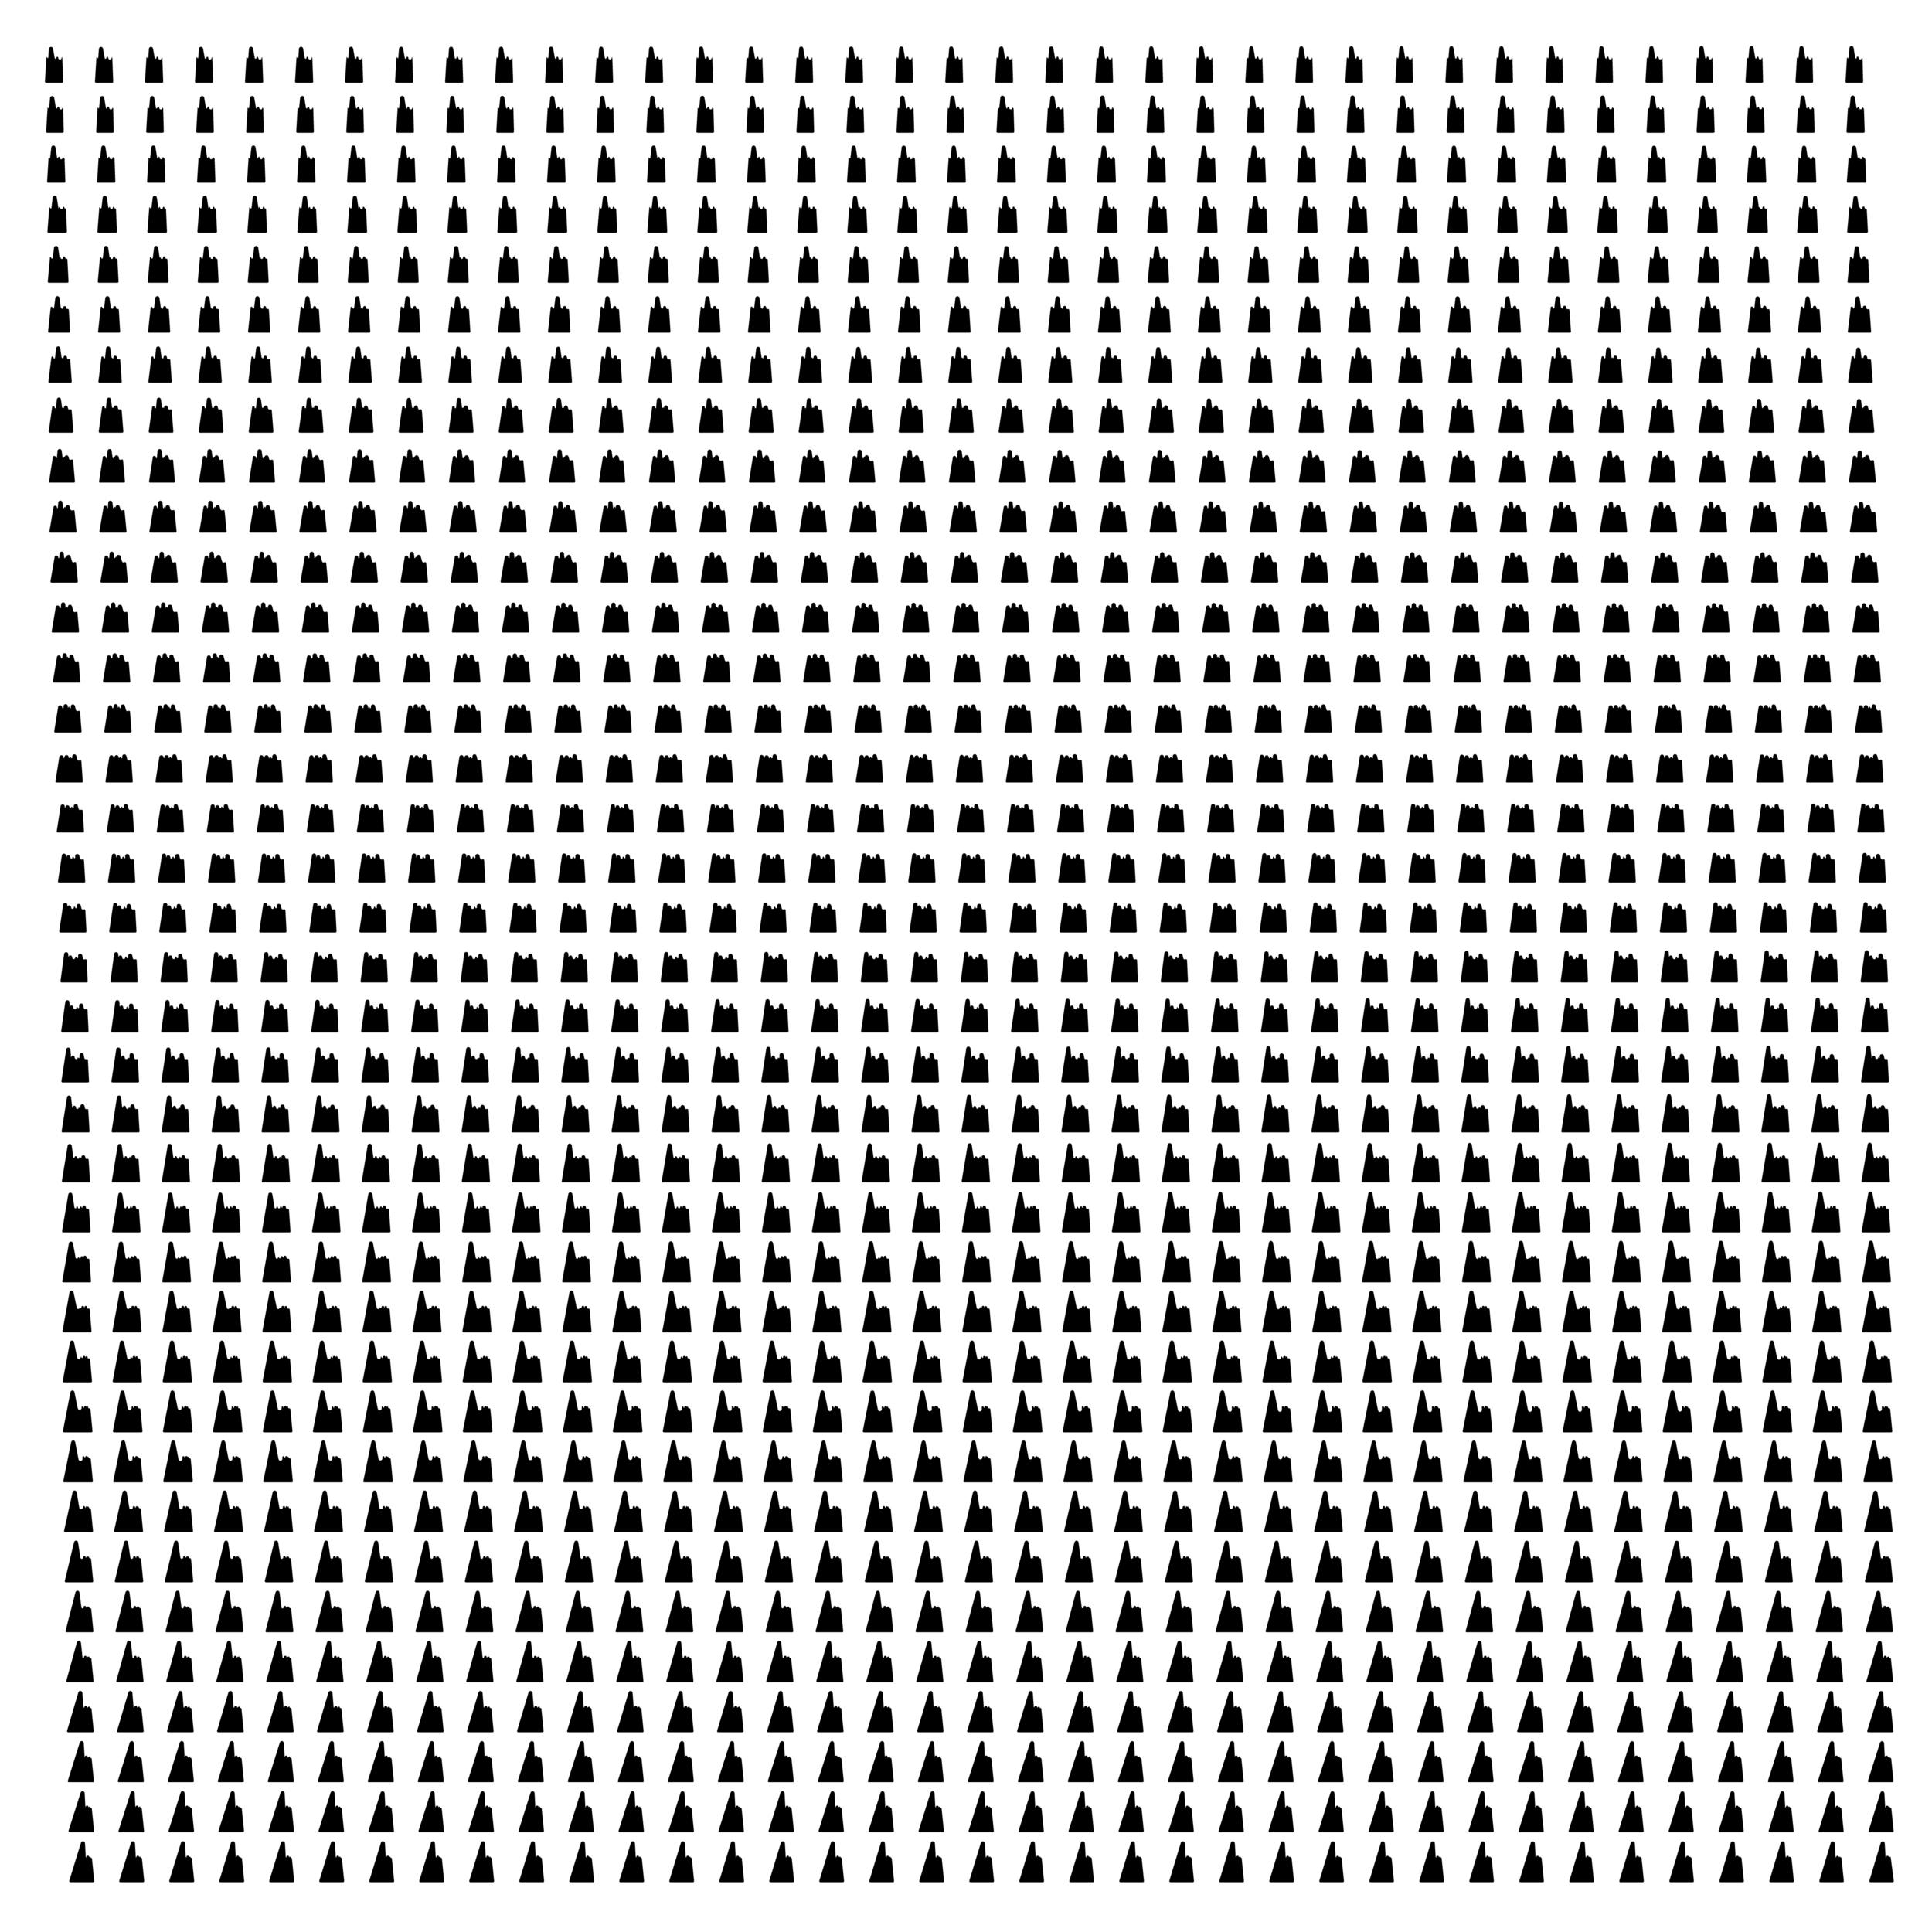 2015 10 13 figures-363.jpg